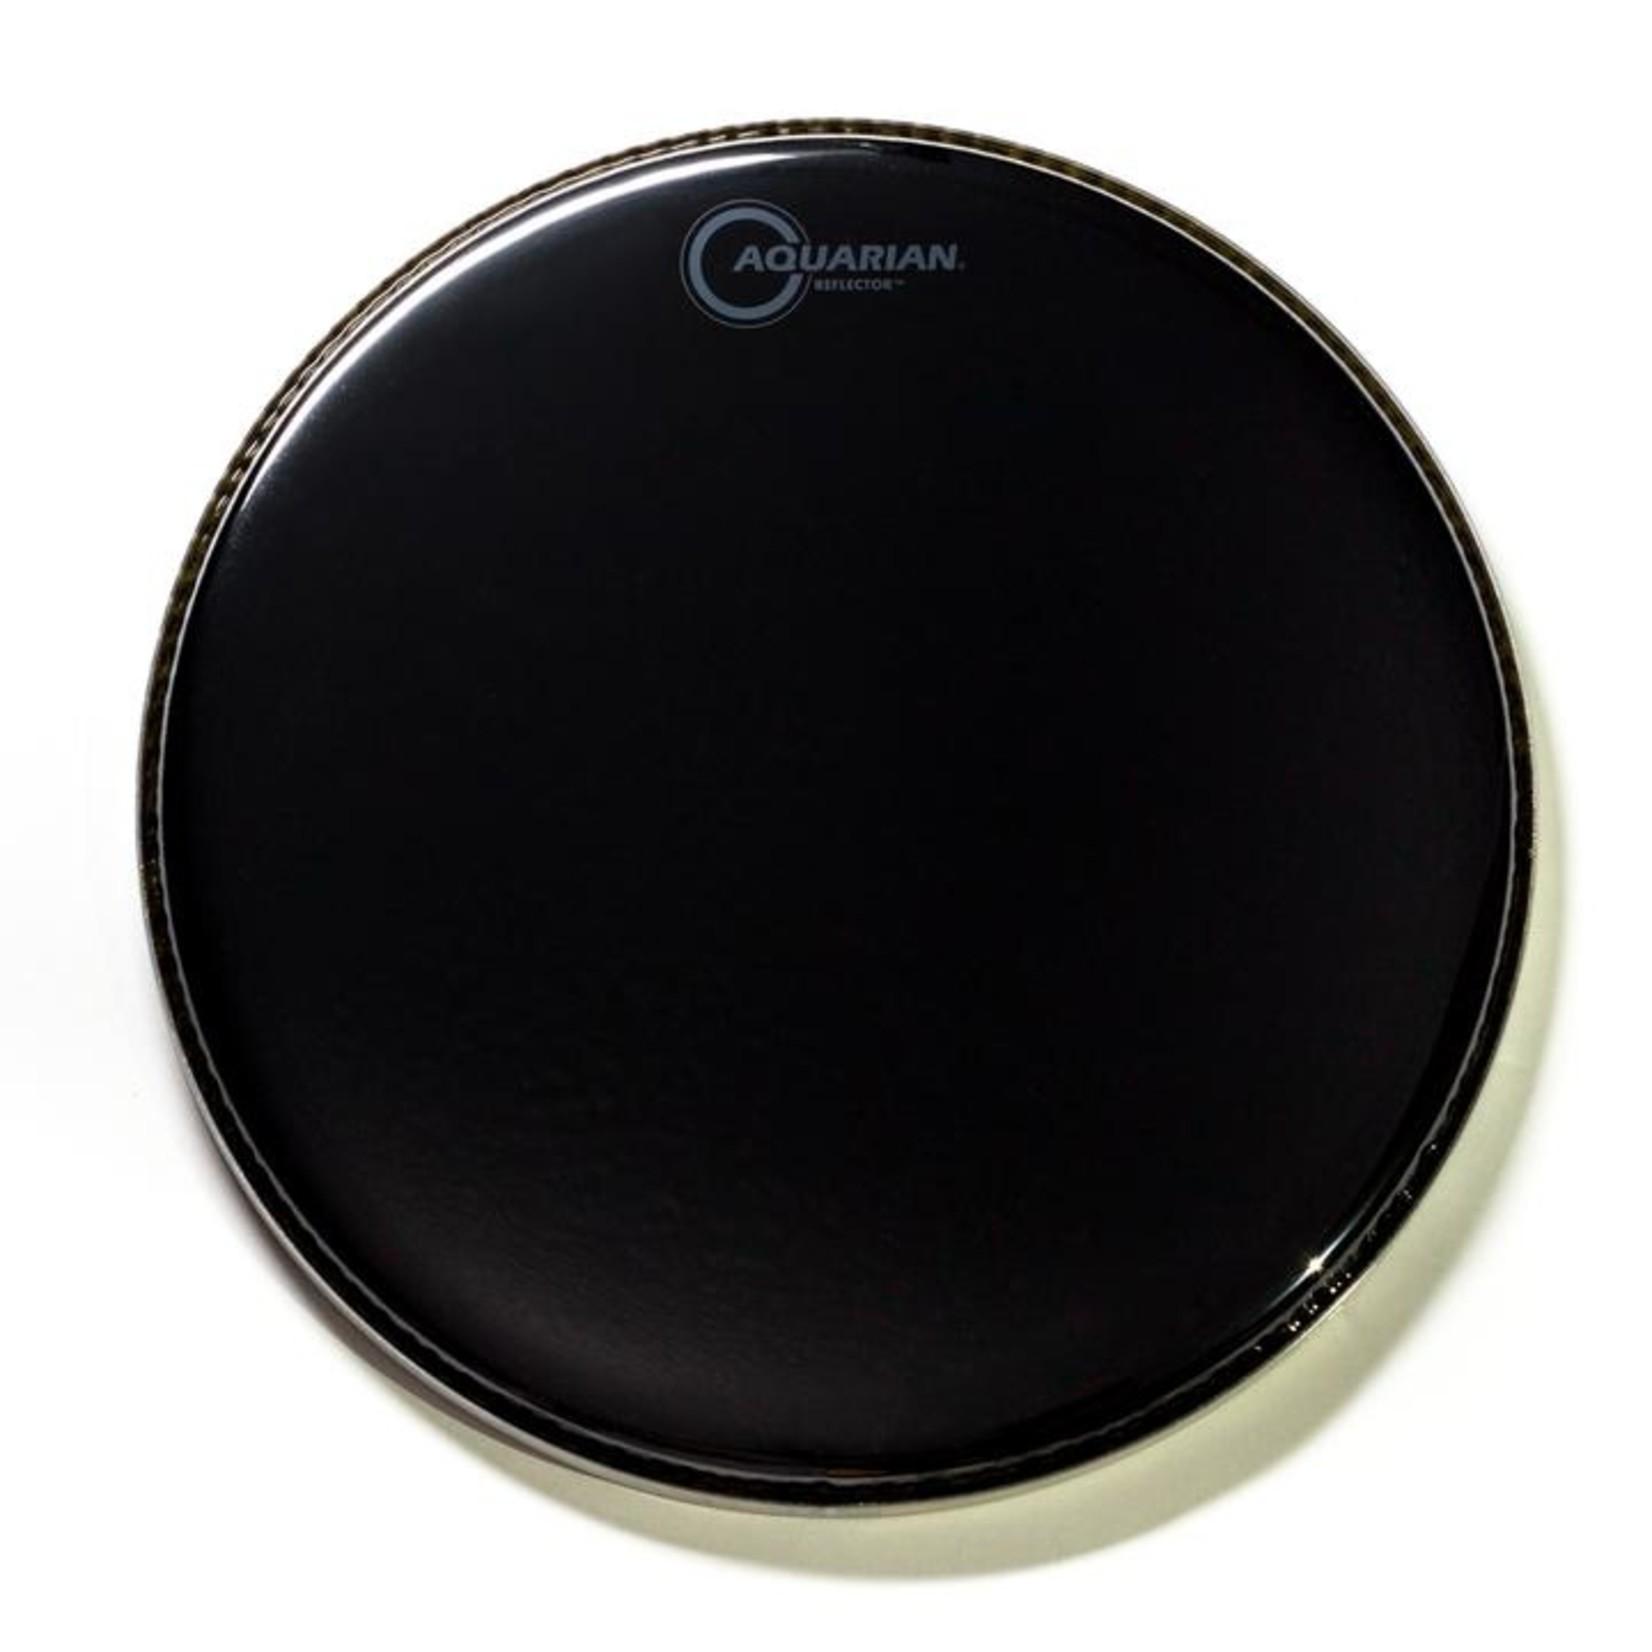 Aquarian Aquarian Reflector Black Mirror Bass Drum